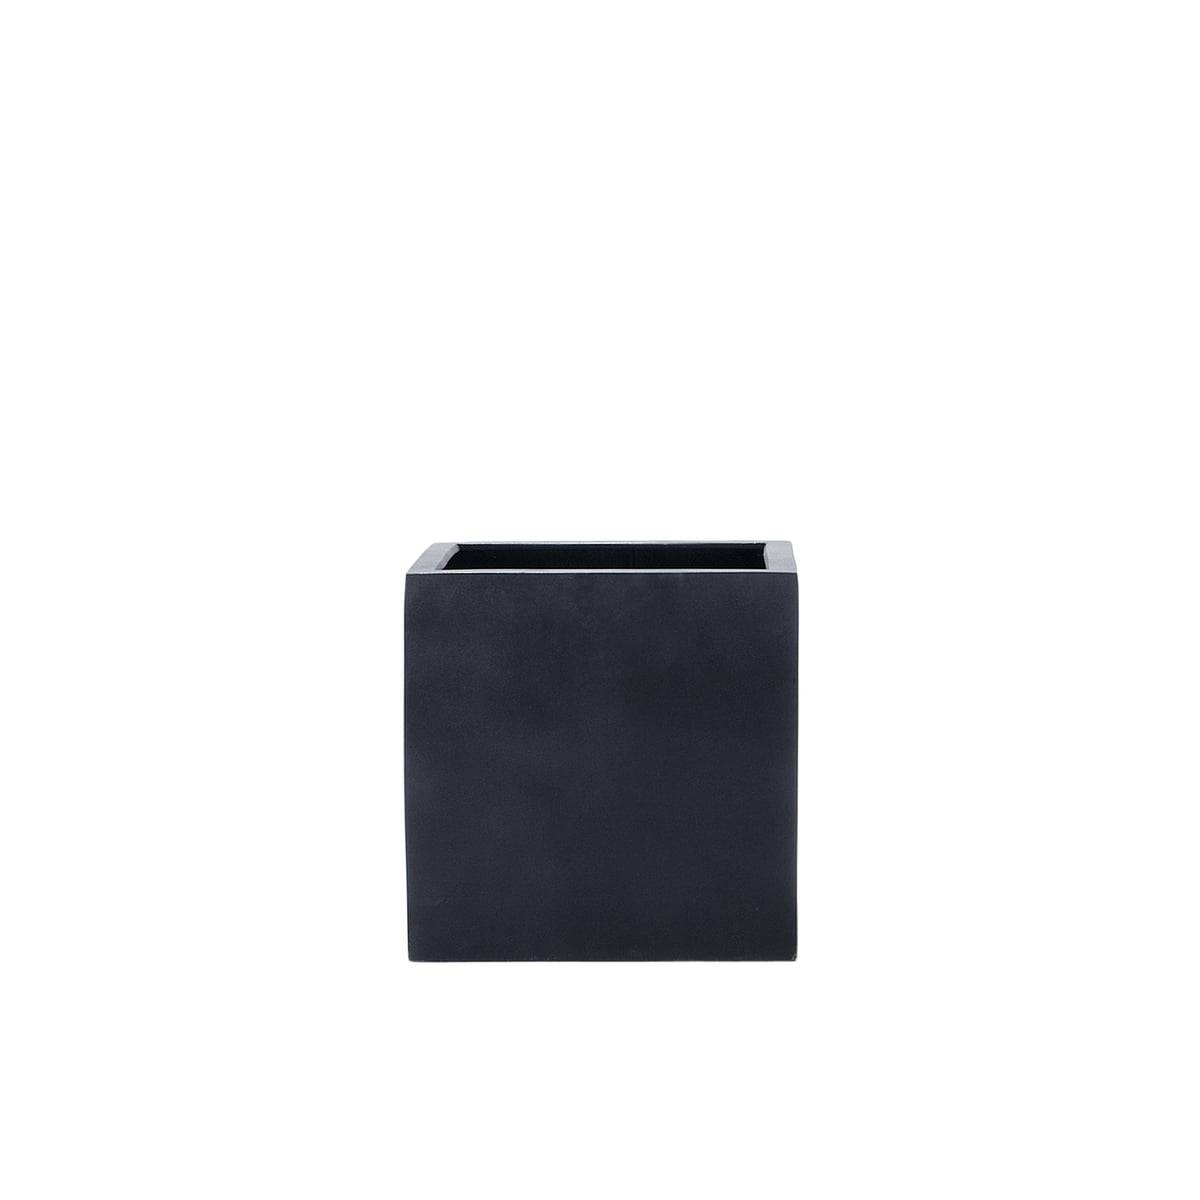 Amei - Der Kubische Pflanzbehälter, XS, schwarz